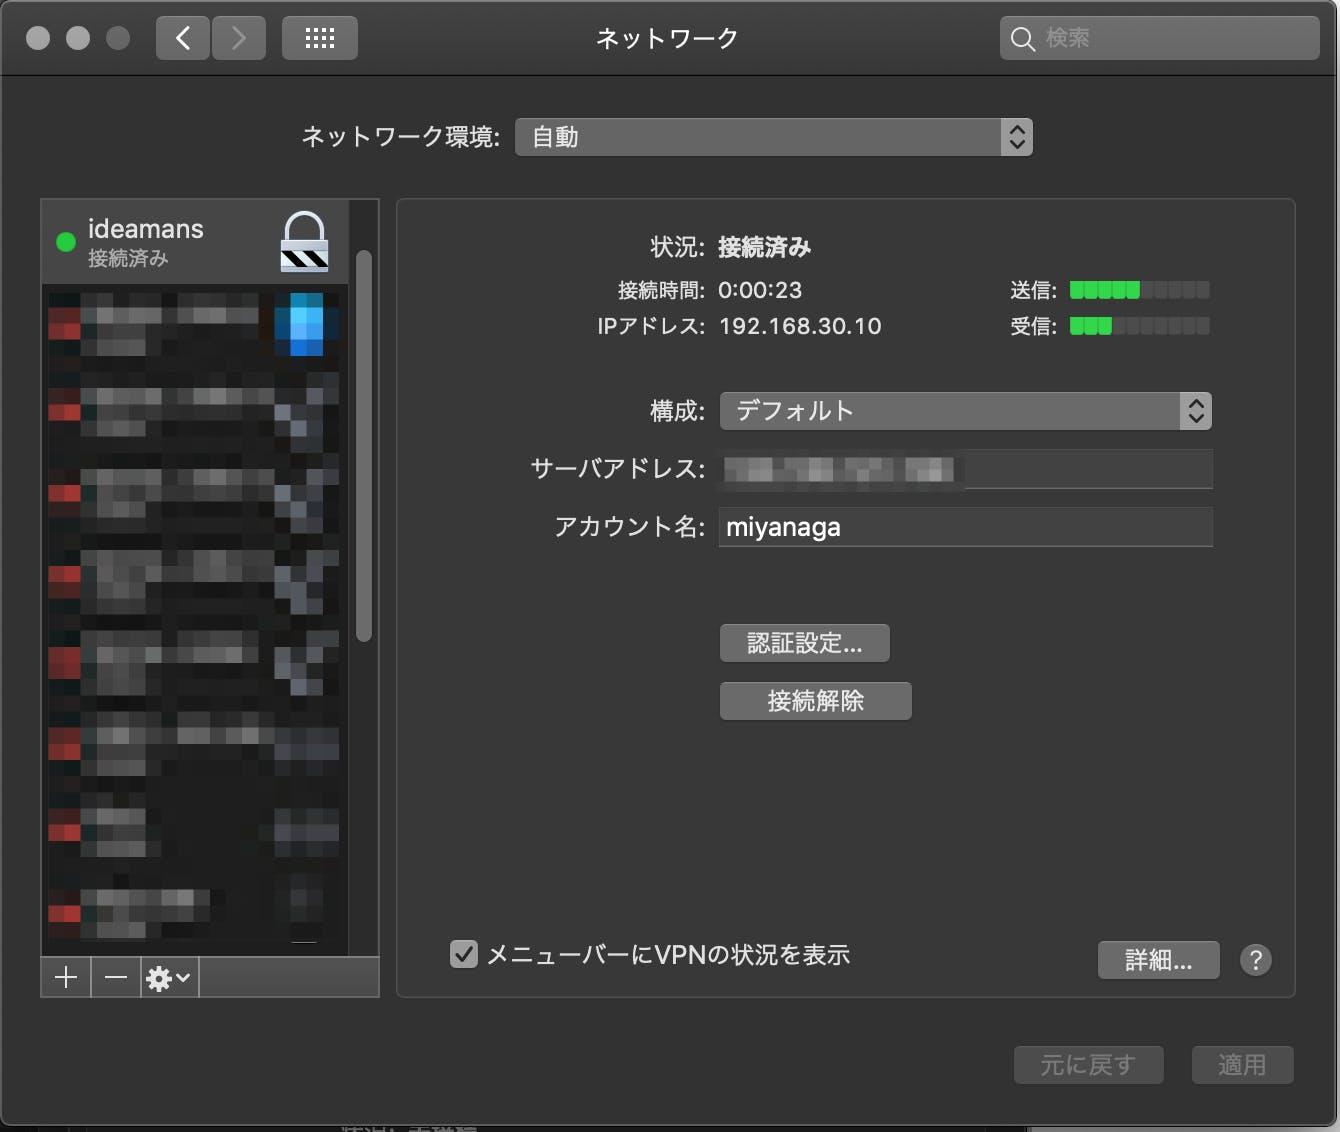 ネットワーク_と_「最速3分でスタート_ConoHaで高速VPNサーバー構築_月額630円」を編集_-_Qiita.png